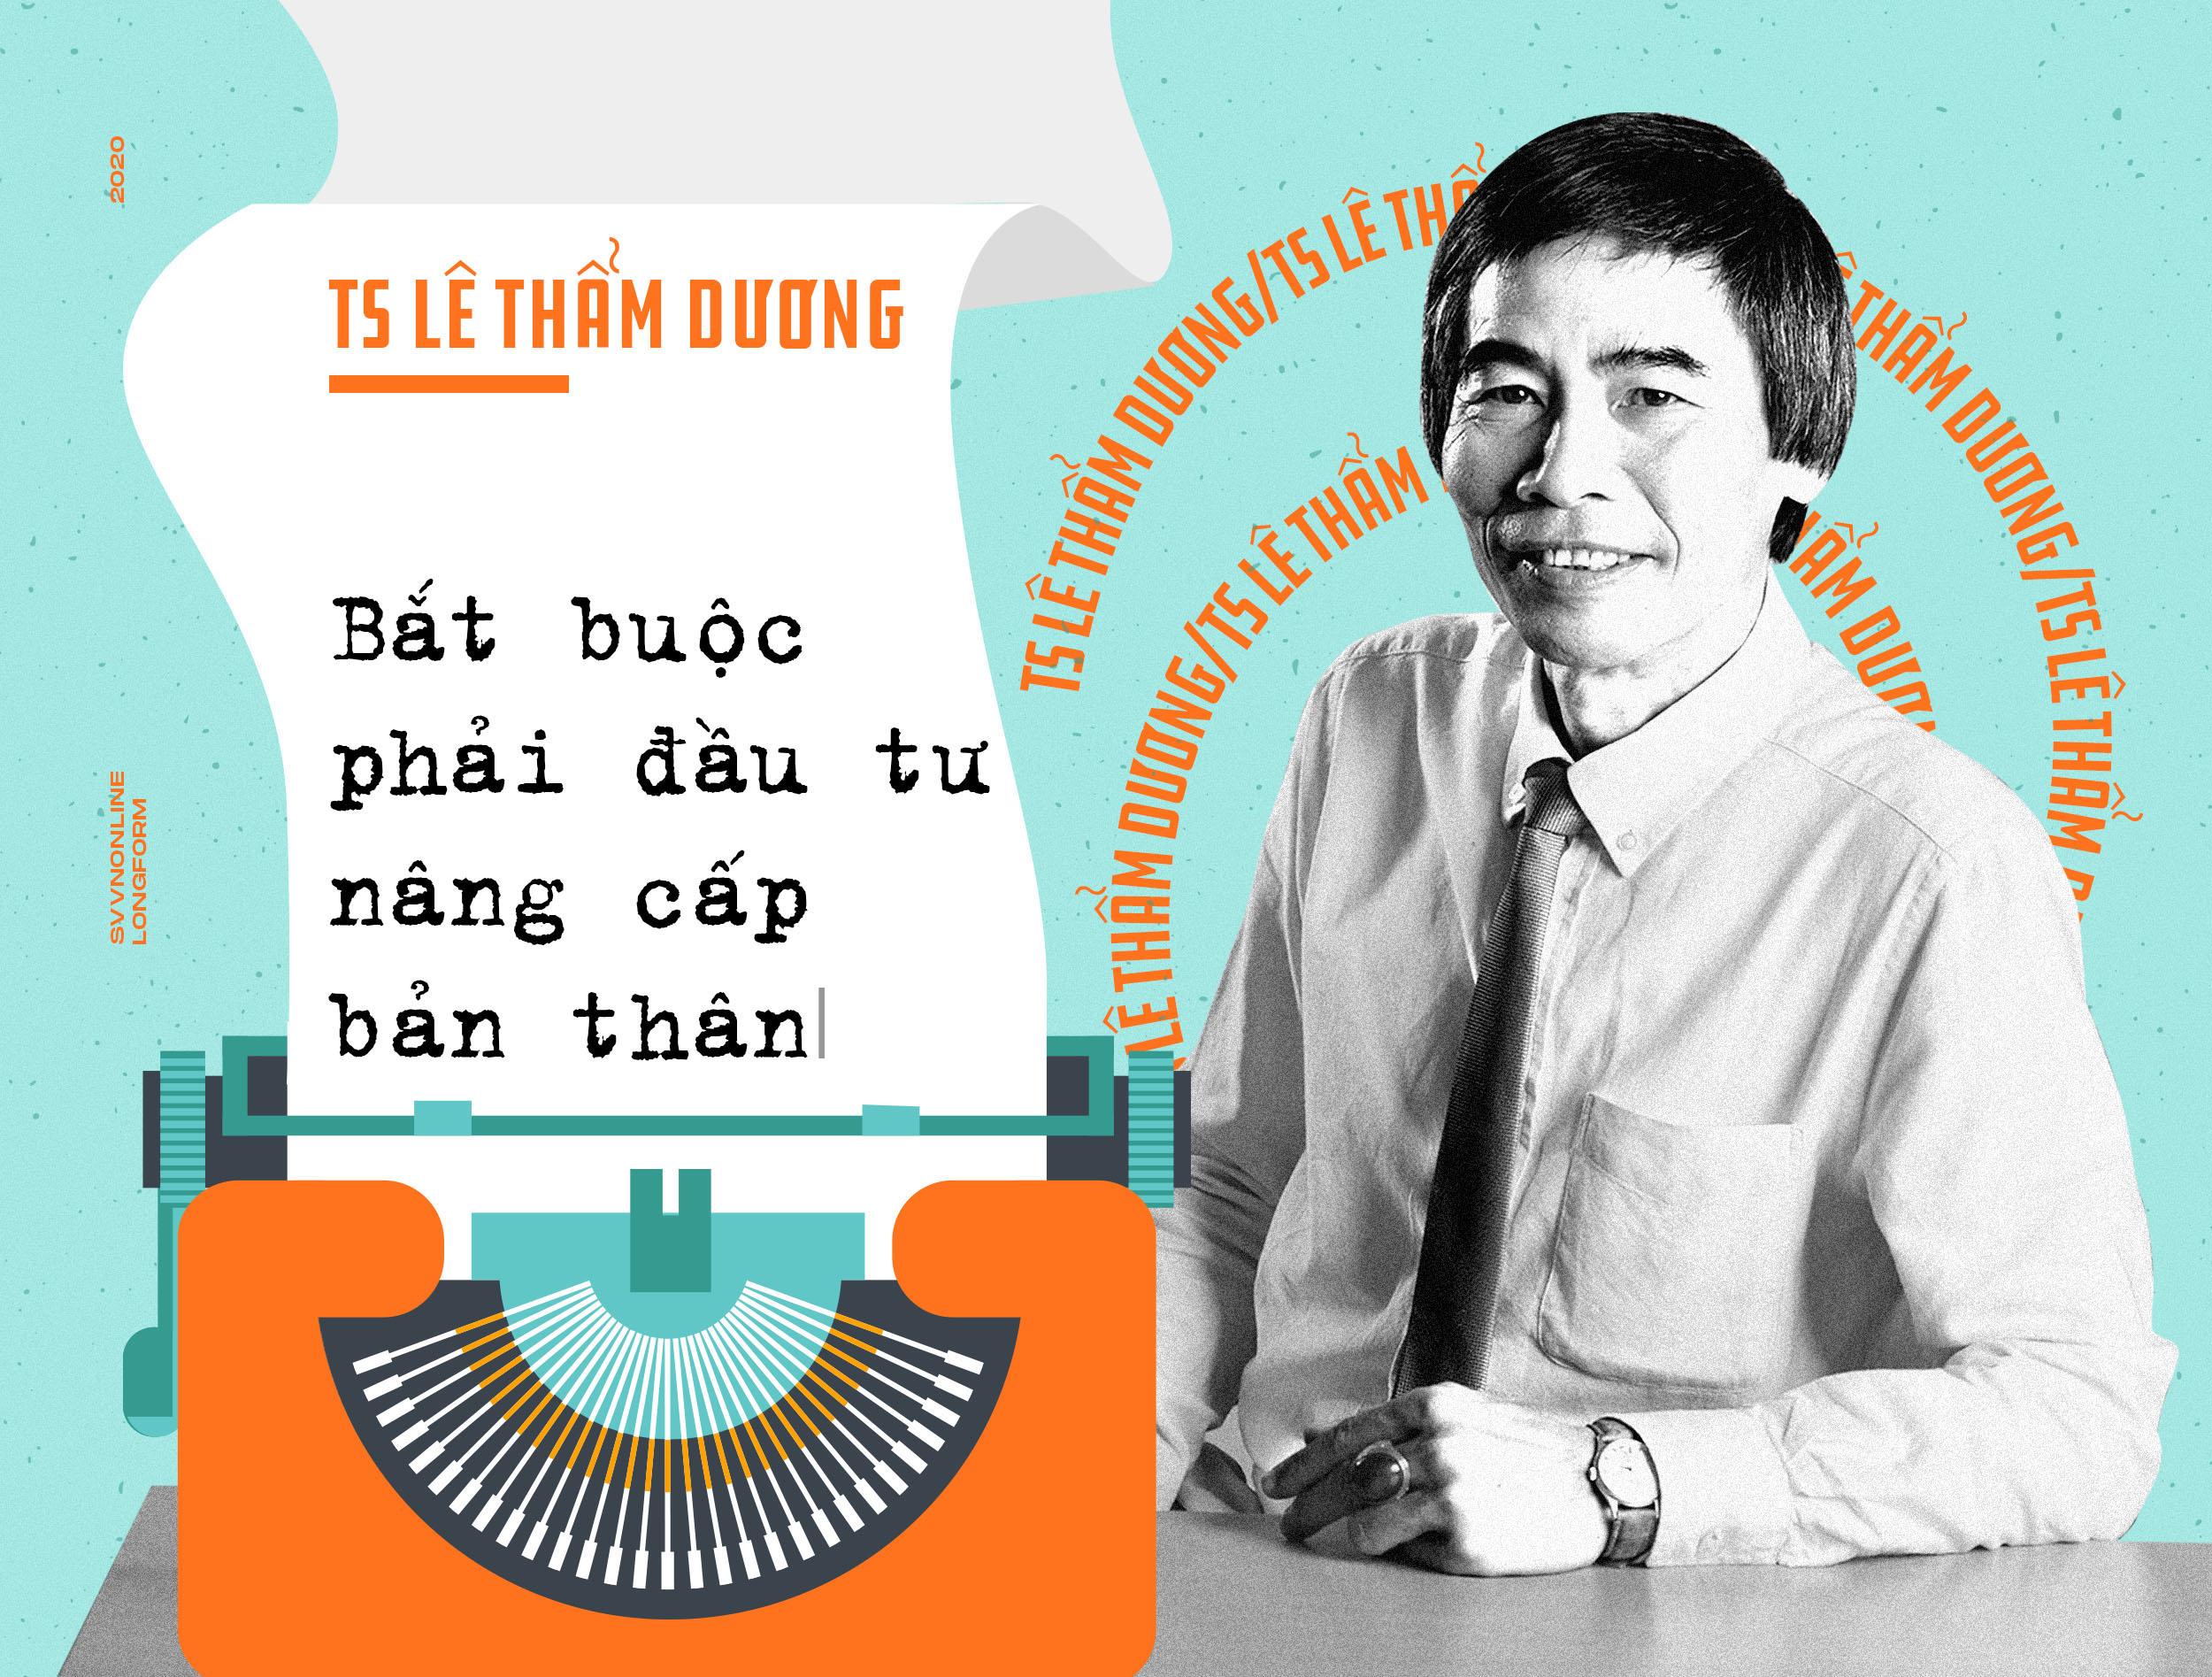 TS Lê Thẩm Dương: Bắt buộc phải đầu tư nâng cấp bản thân